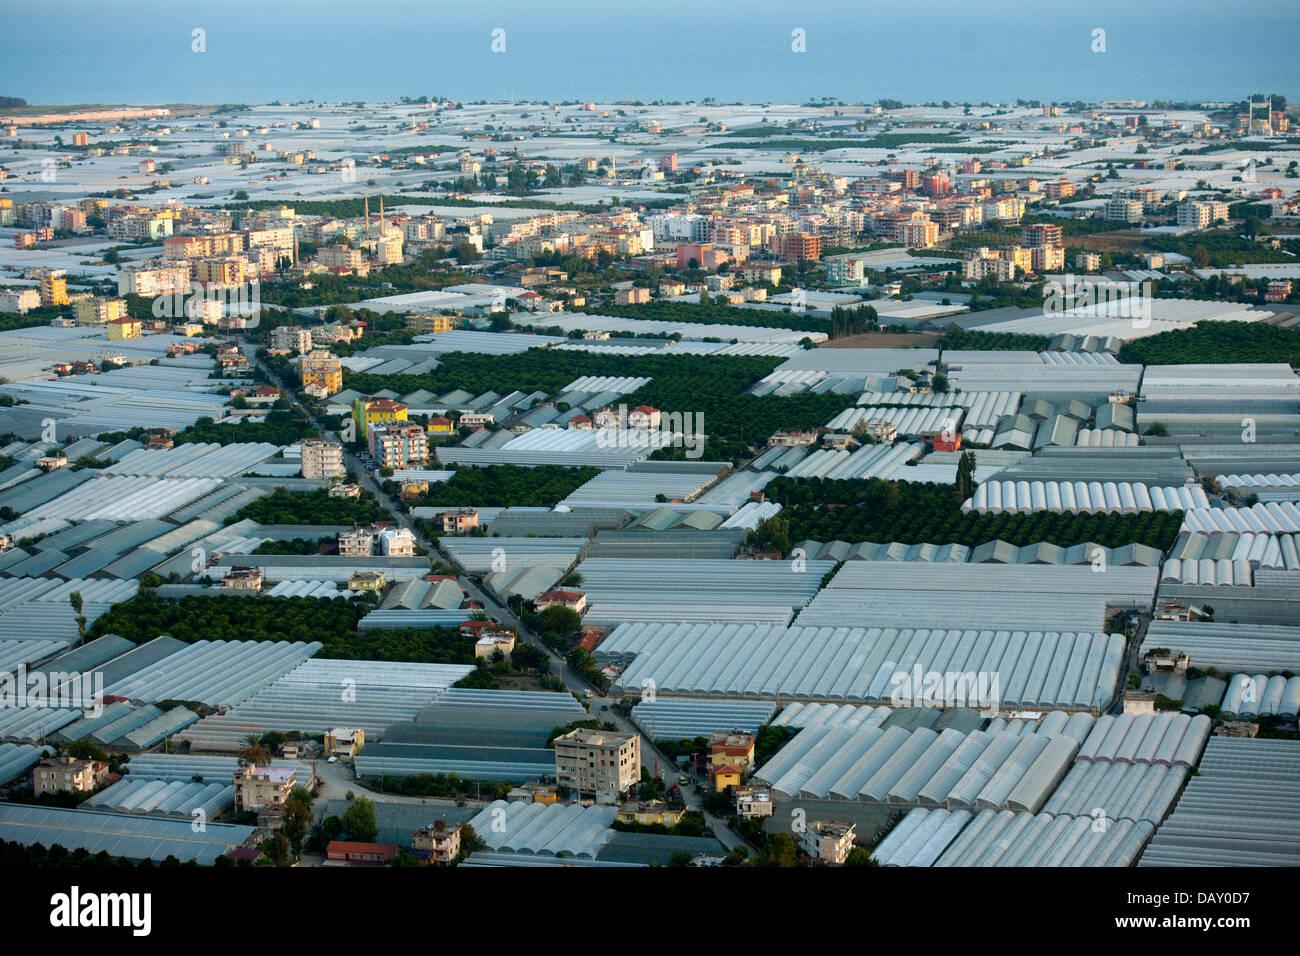 Asien, Türkei, Provinz Antalya, Kale (Demre), Myra, Gewächshäuser in der Ebene von Kale - Stock Image